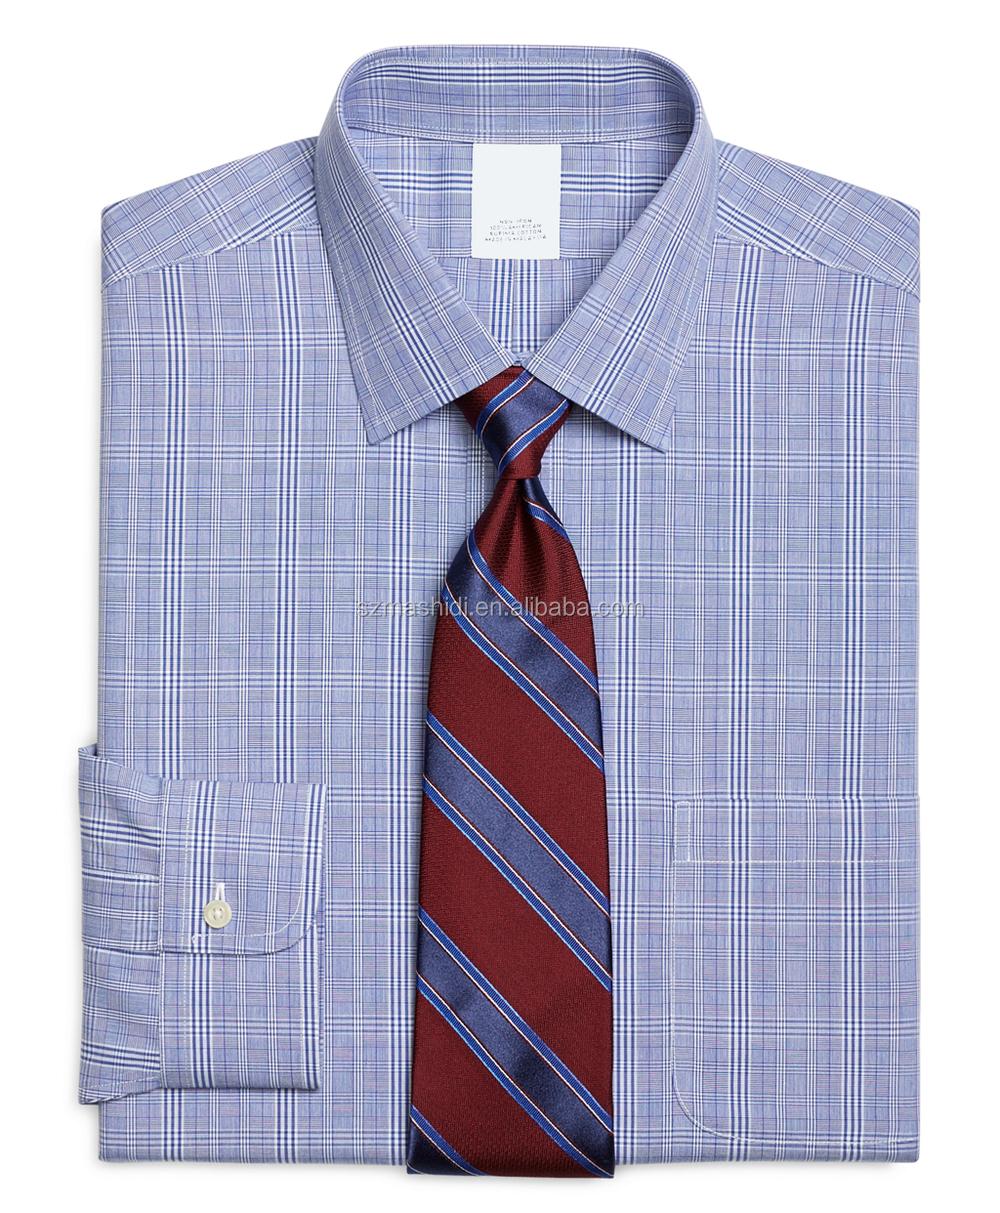 Shirt design brands - Top Brands European Styles Fancy Mens Formal Business Dress Shirts Designs